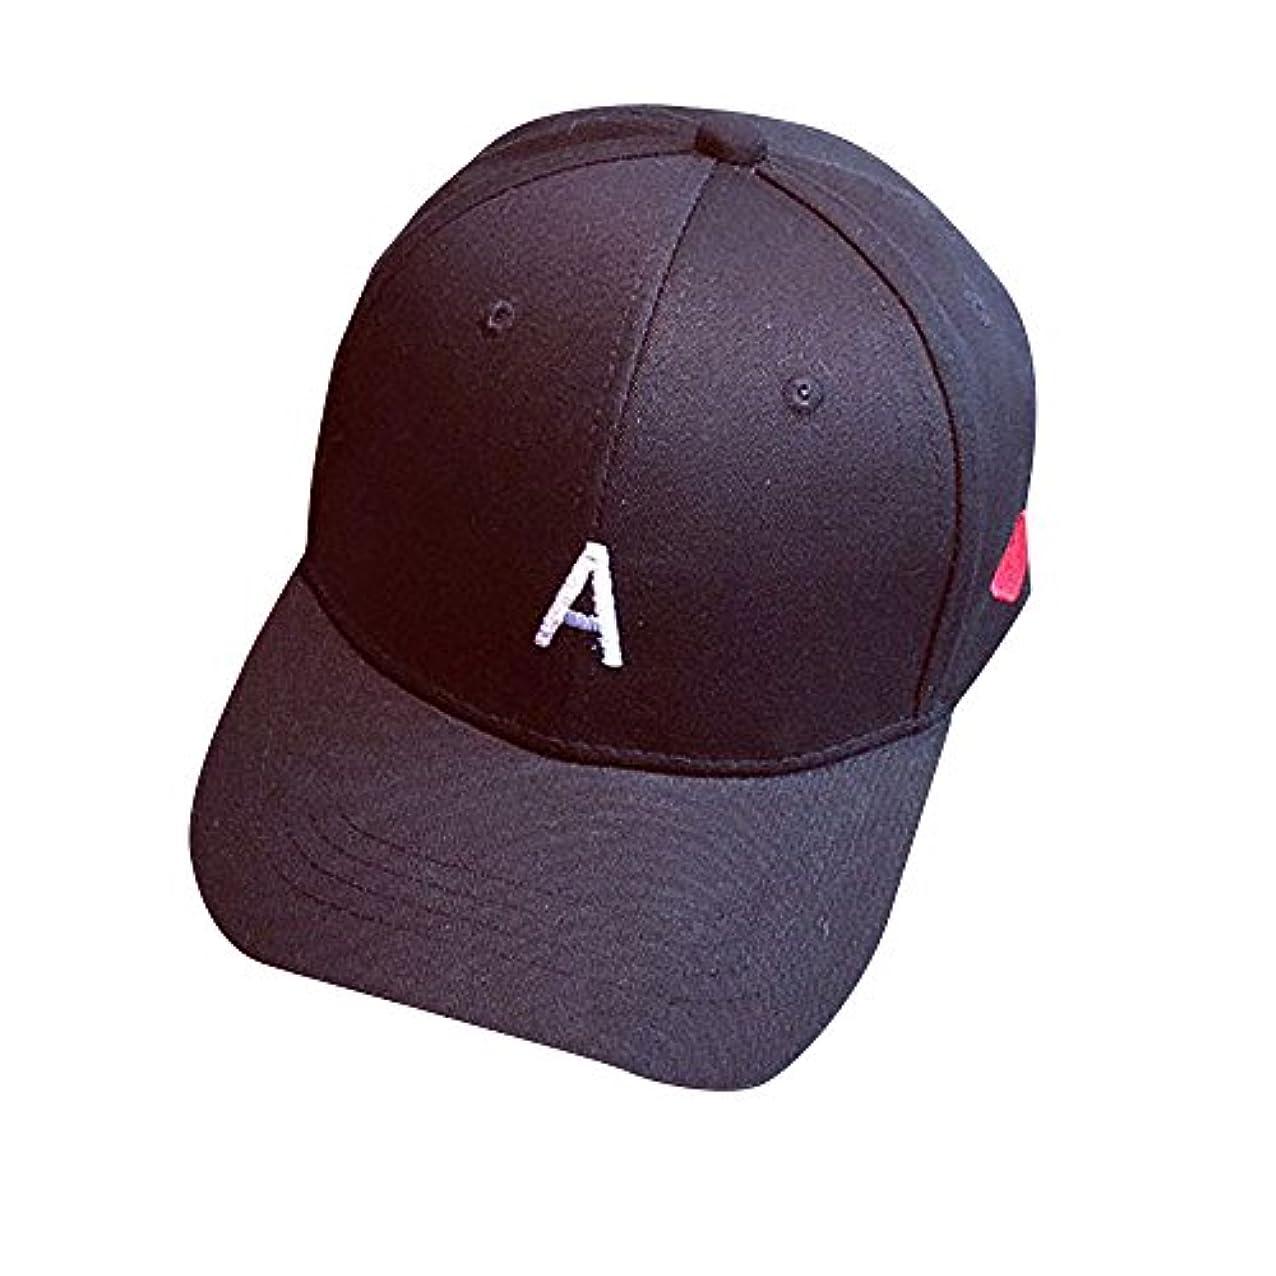 ピカソ仮定引用Racazing Cap 文字刺繍 野球帽 無地 キャップ 夏 登山 通気性のある 帽子 ベルクロ 可調整可能 ヒップホップ 棒球帽 UV 帽子 軽量 屋外 Unisex Hat (黒)